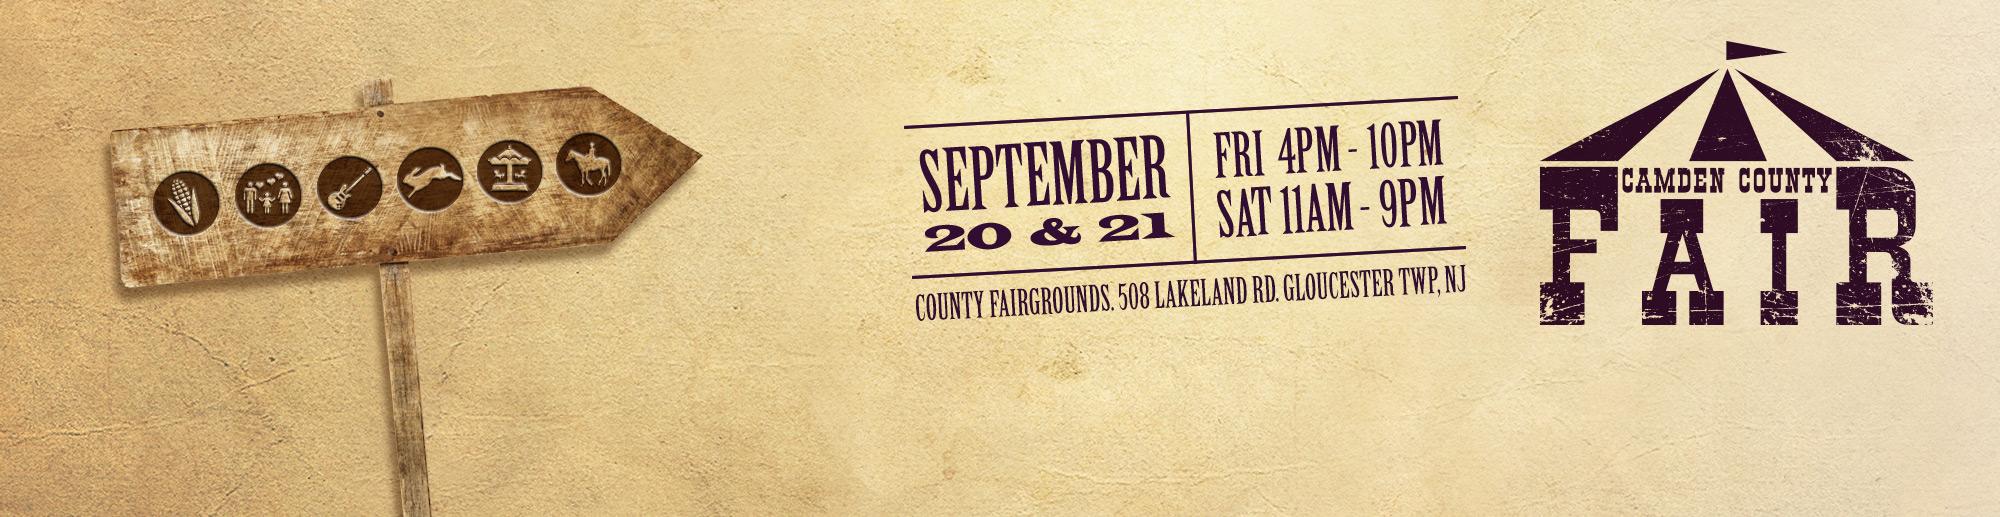 Camden County Fair